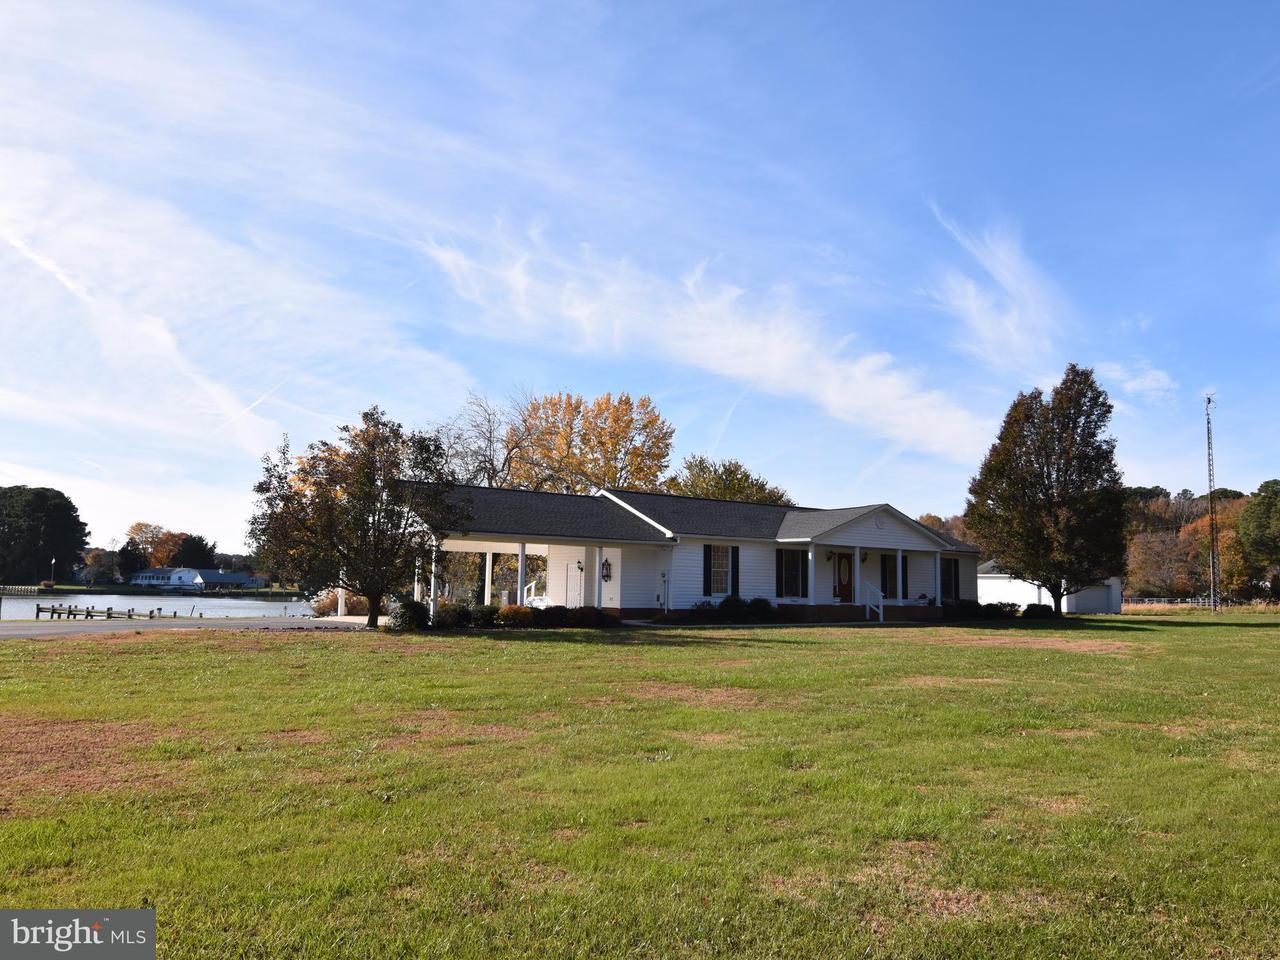 Частный односемейный дом для того Продажа на 49695 FREEMANS Road 49695 FREEMANS Road Dameron, Мэриленд 20628 Соединенные Штаты